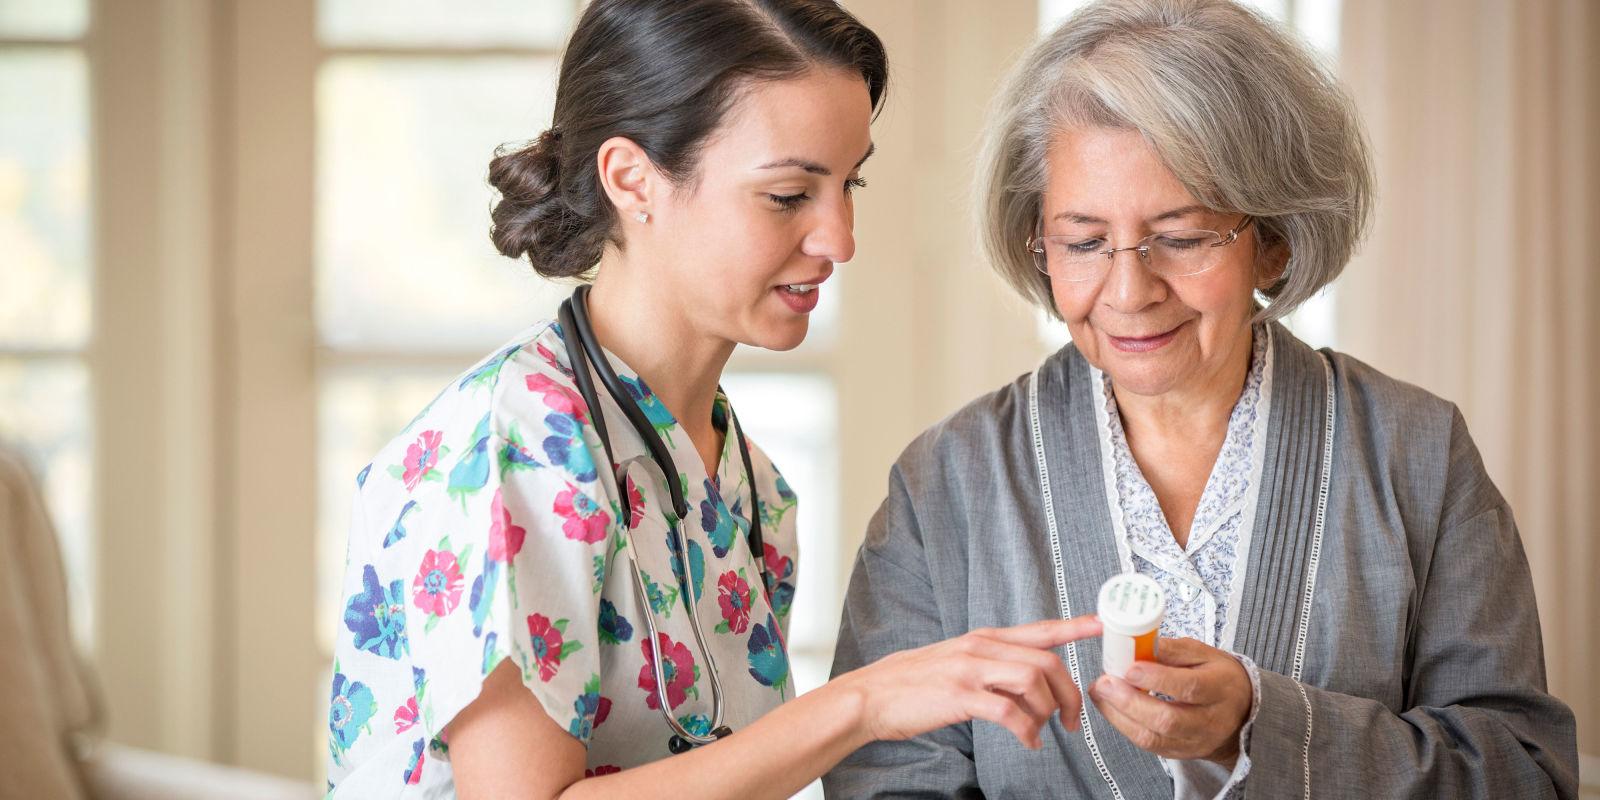 на фото доктор консультує жінку про користь метформіну проти старіння